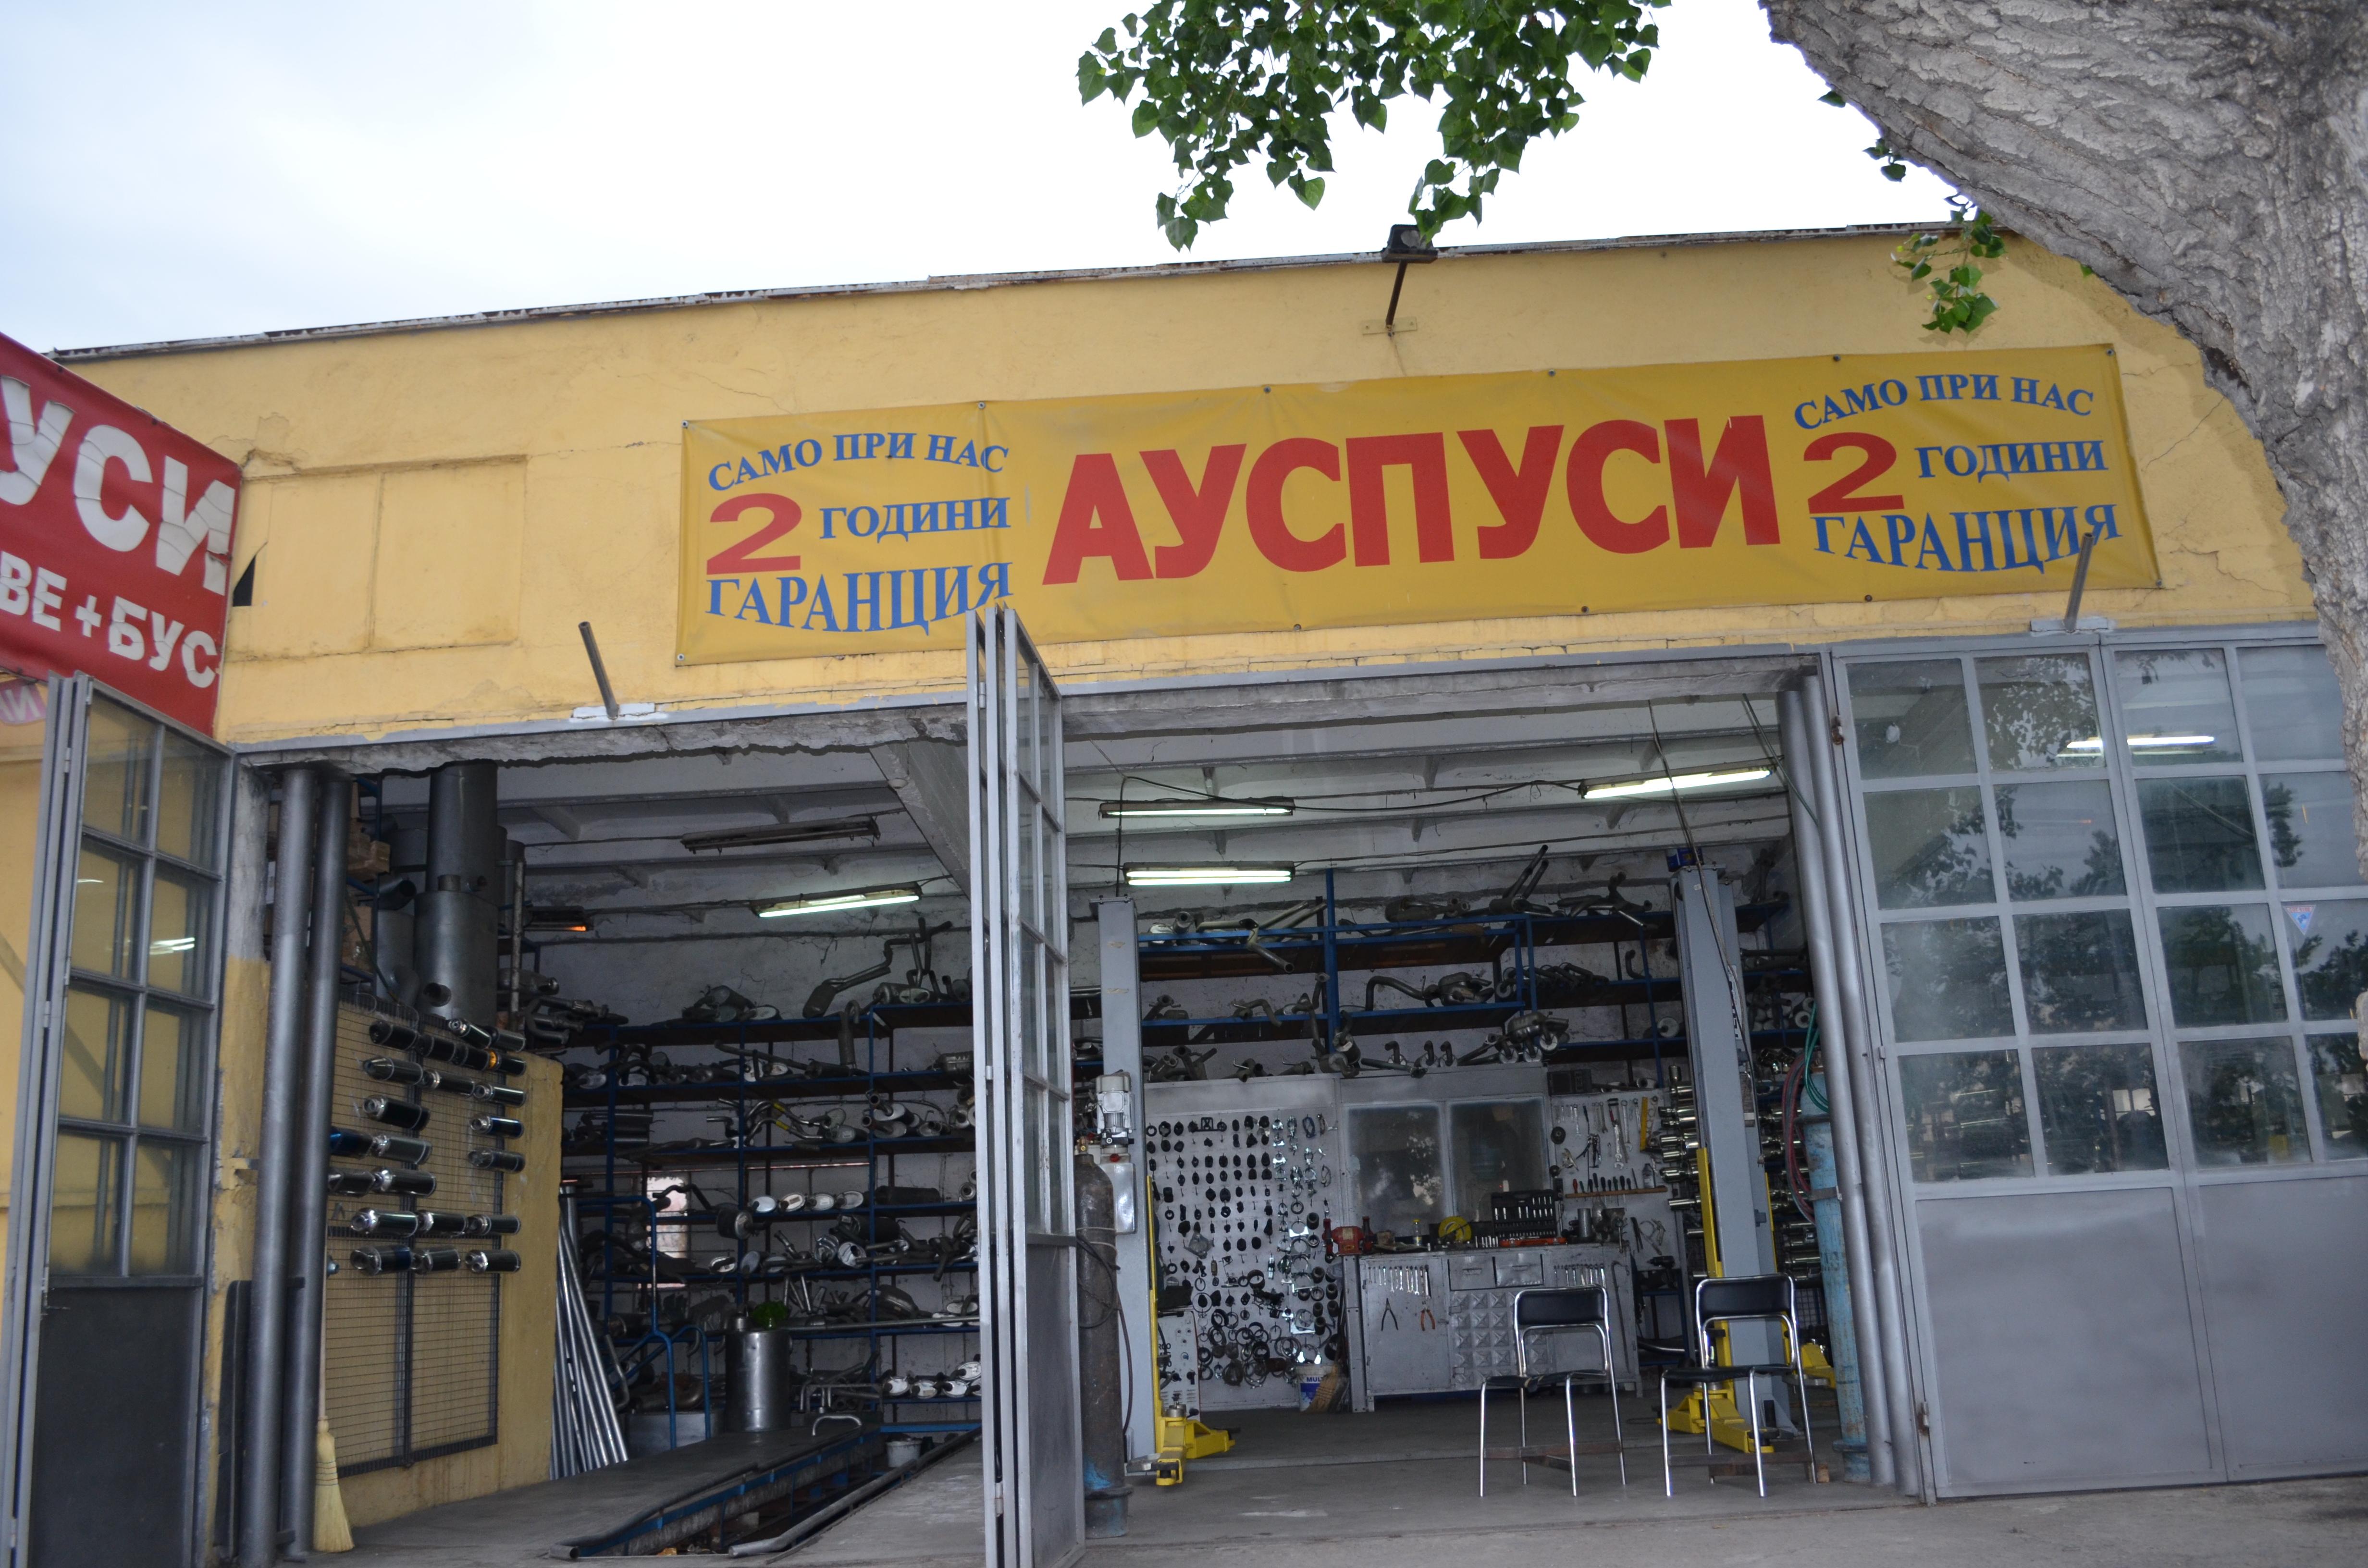 83643a131d5 Сервиз Пловдив - Ауспуси